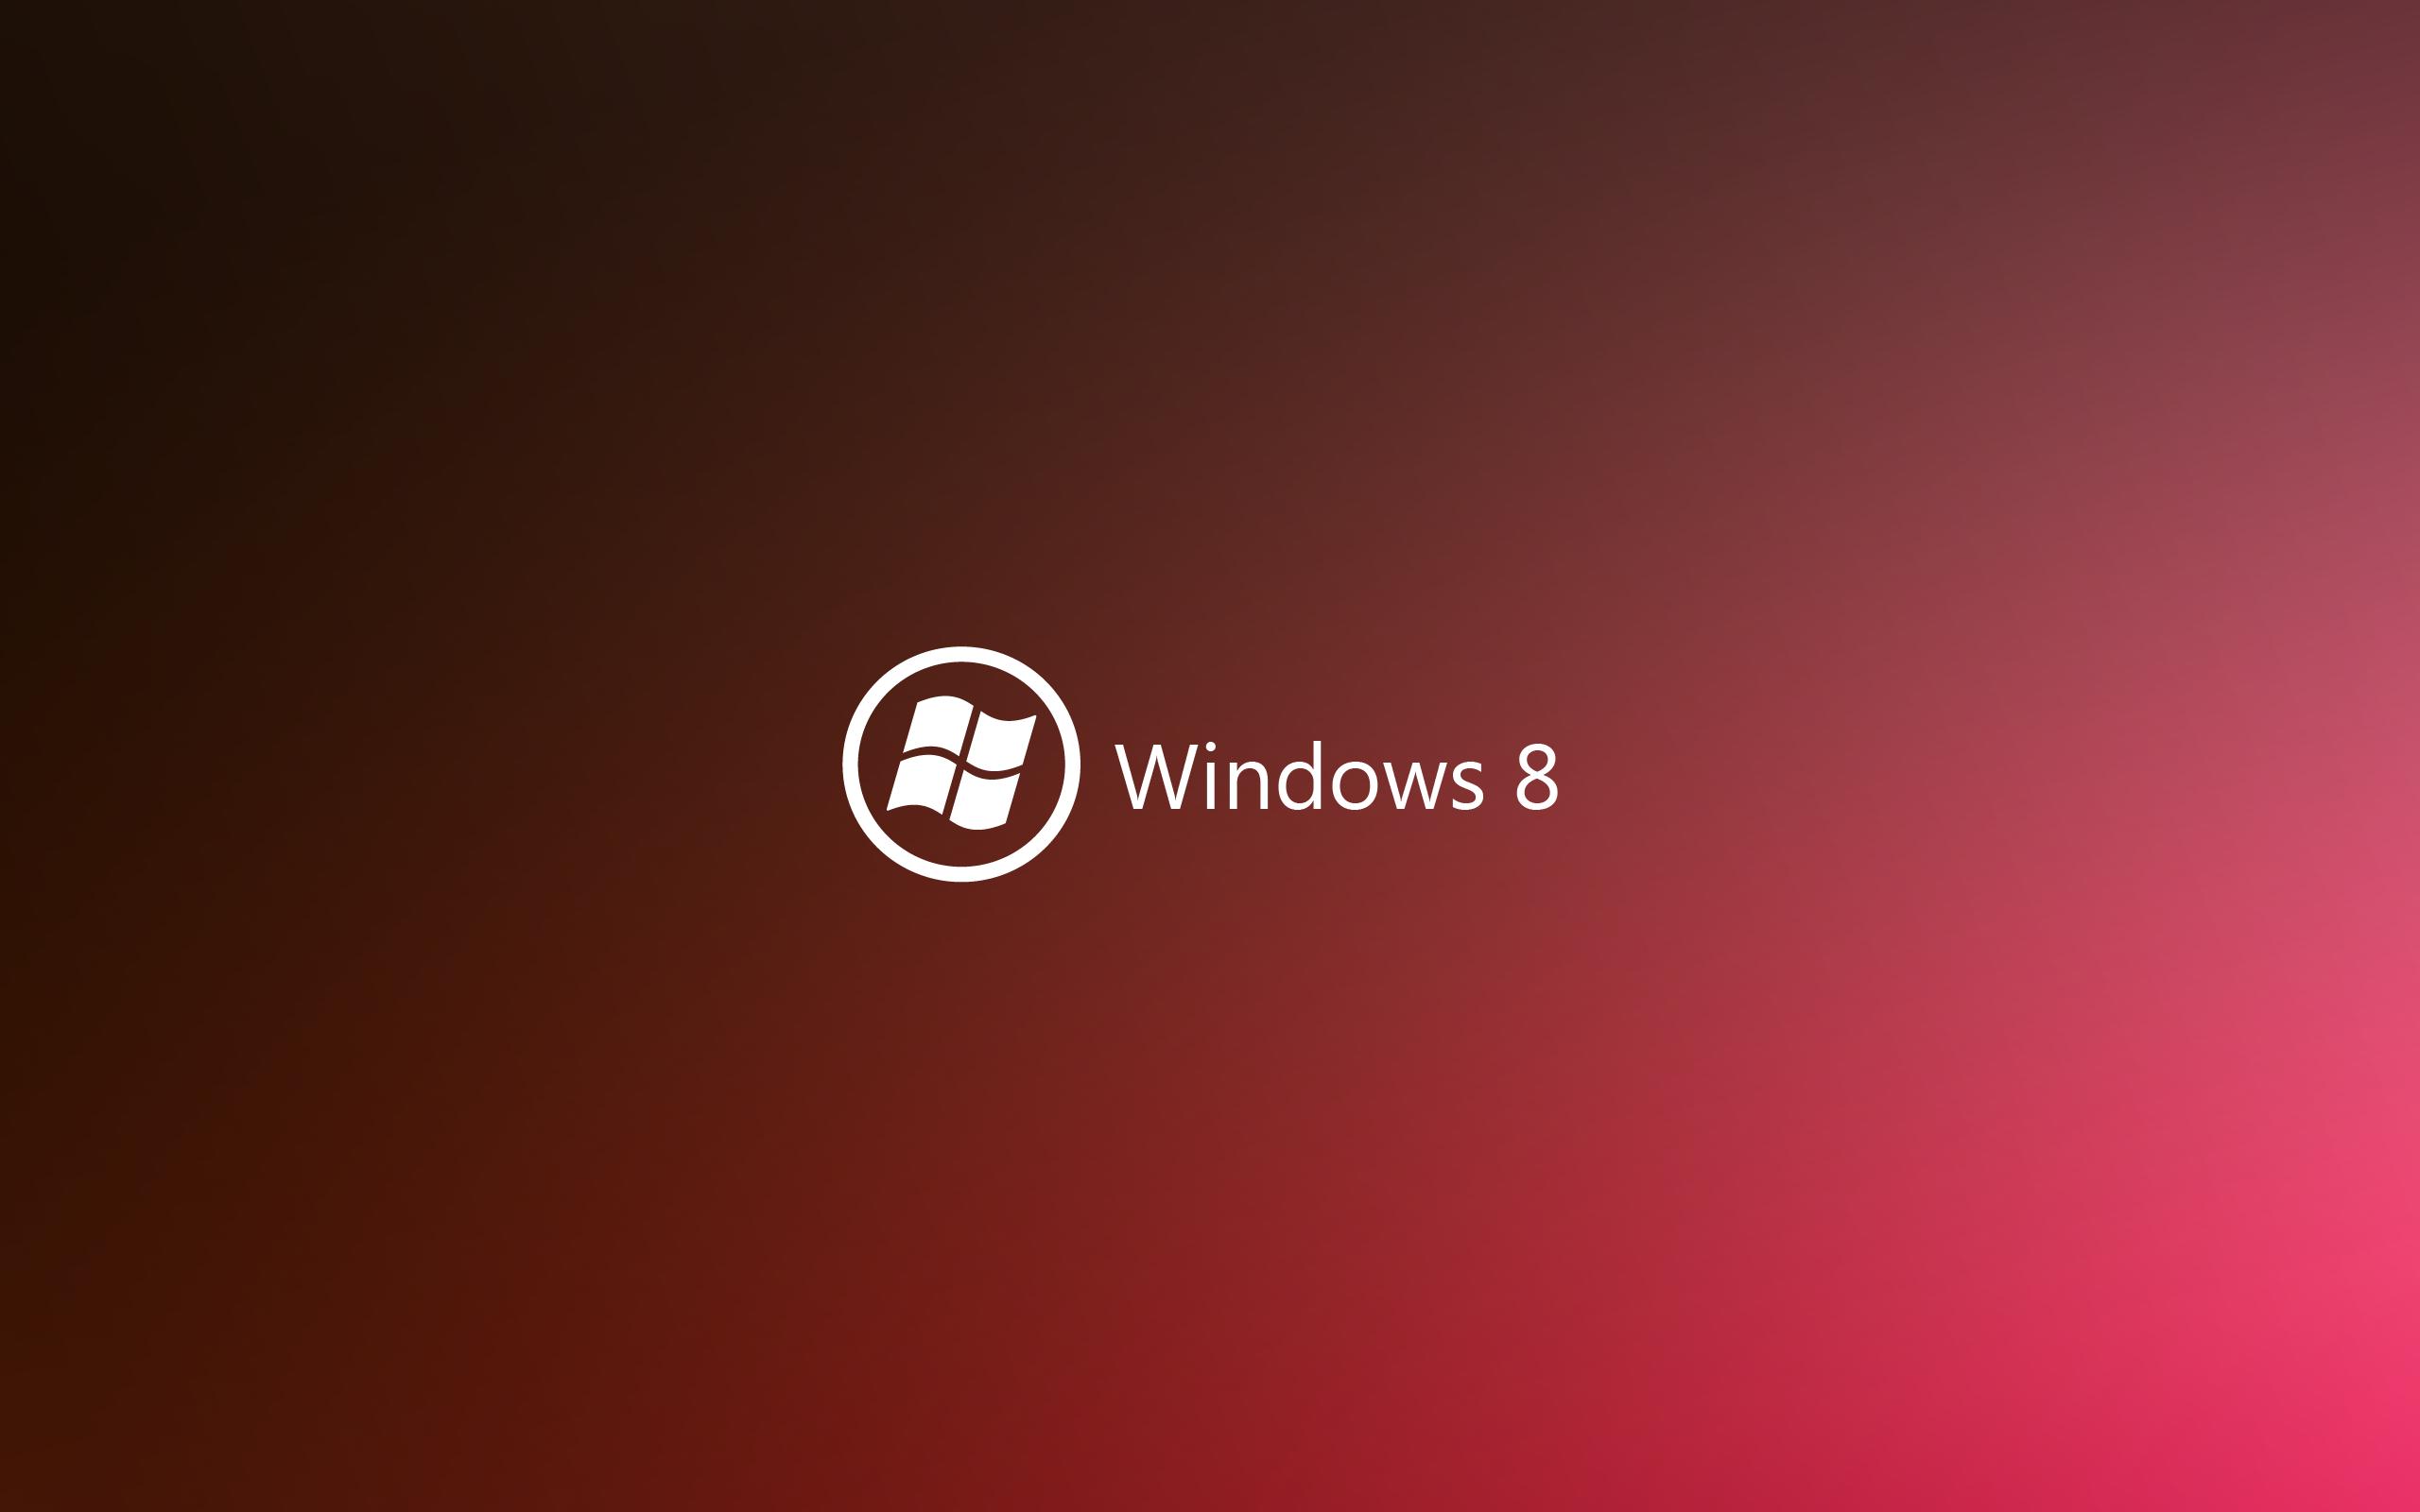 Windows 8 Text